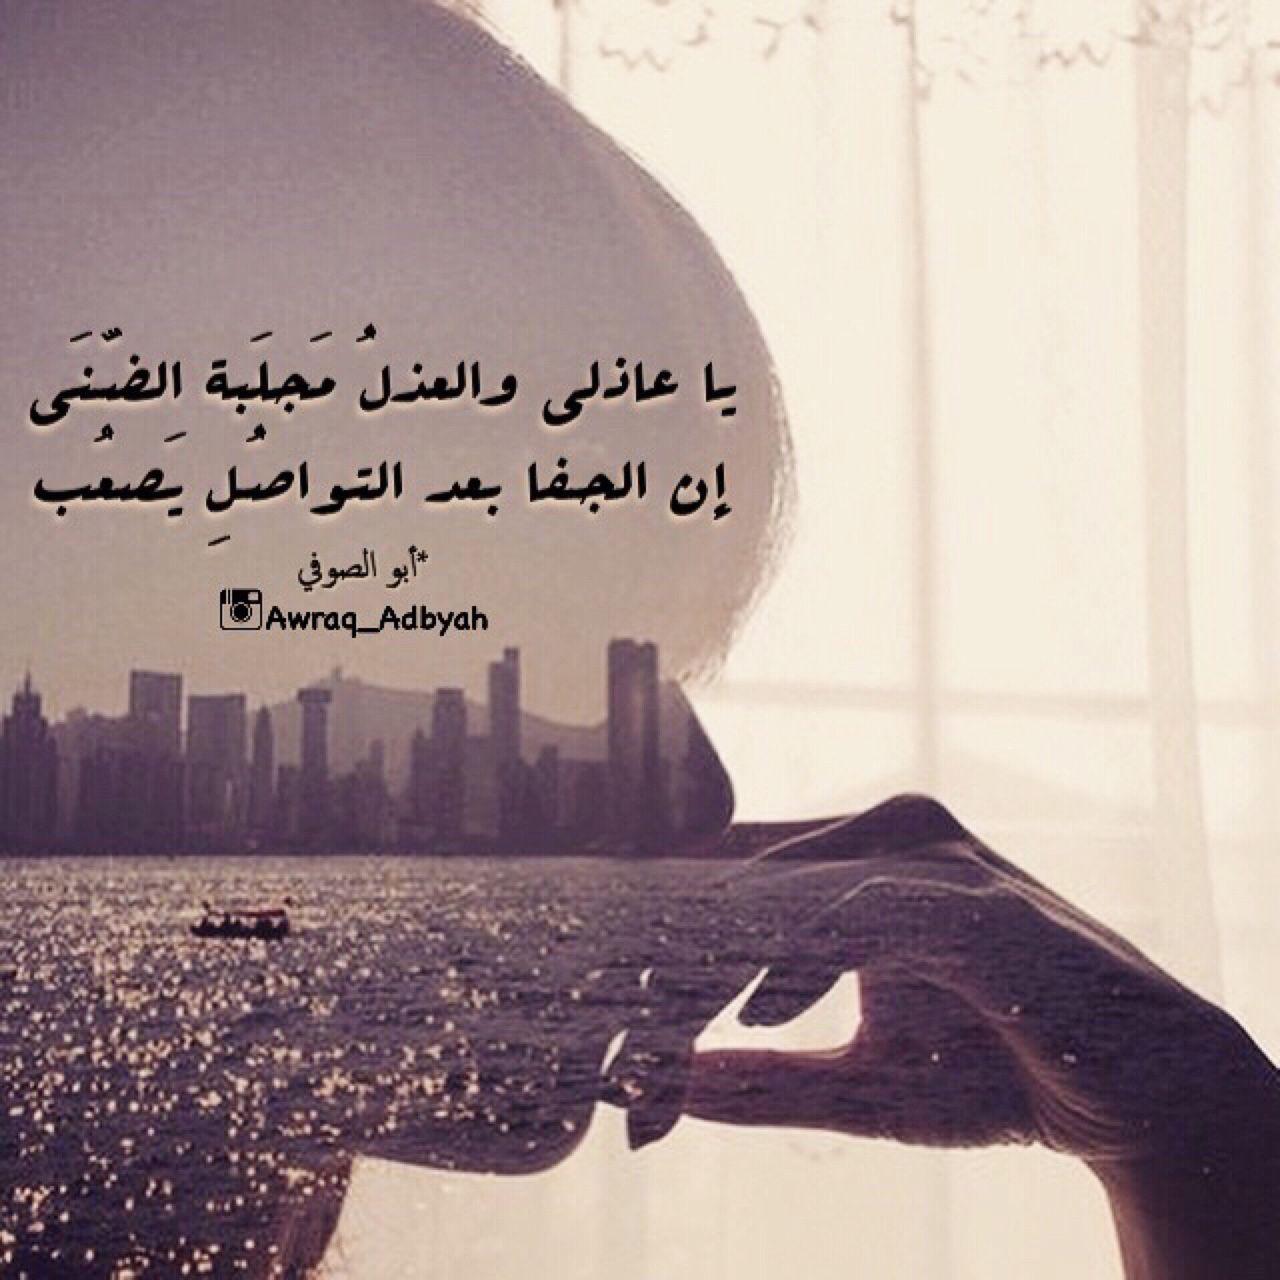 أوراق أدبية شعر أدب و اقتباسات Calligraphy Art Arabic Calligraphy Art Quotes